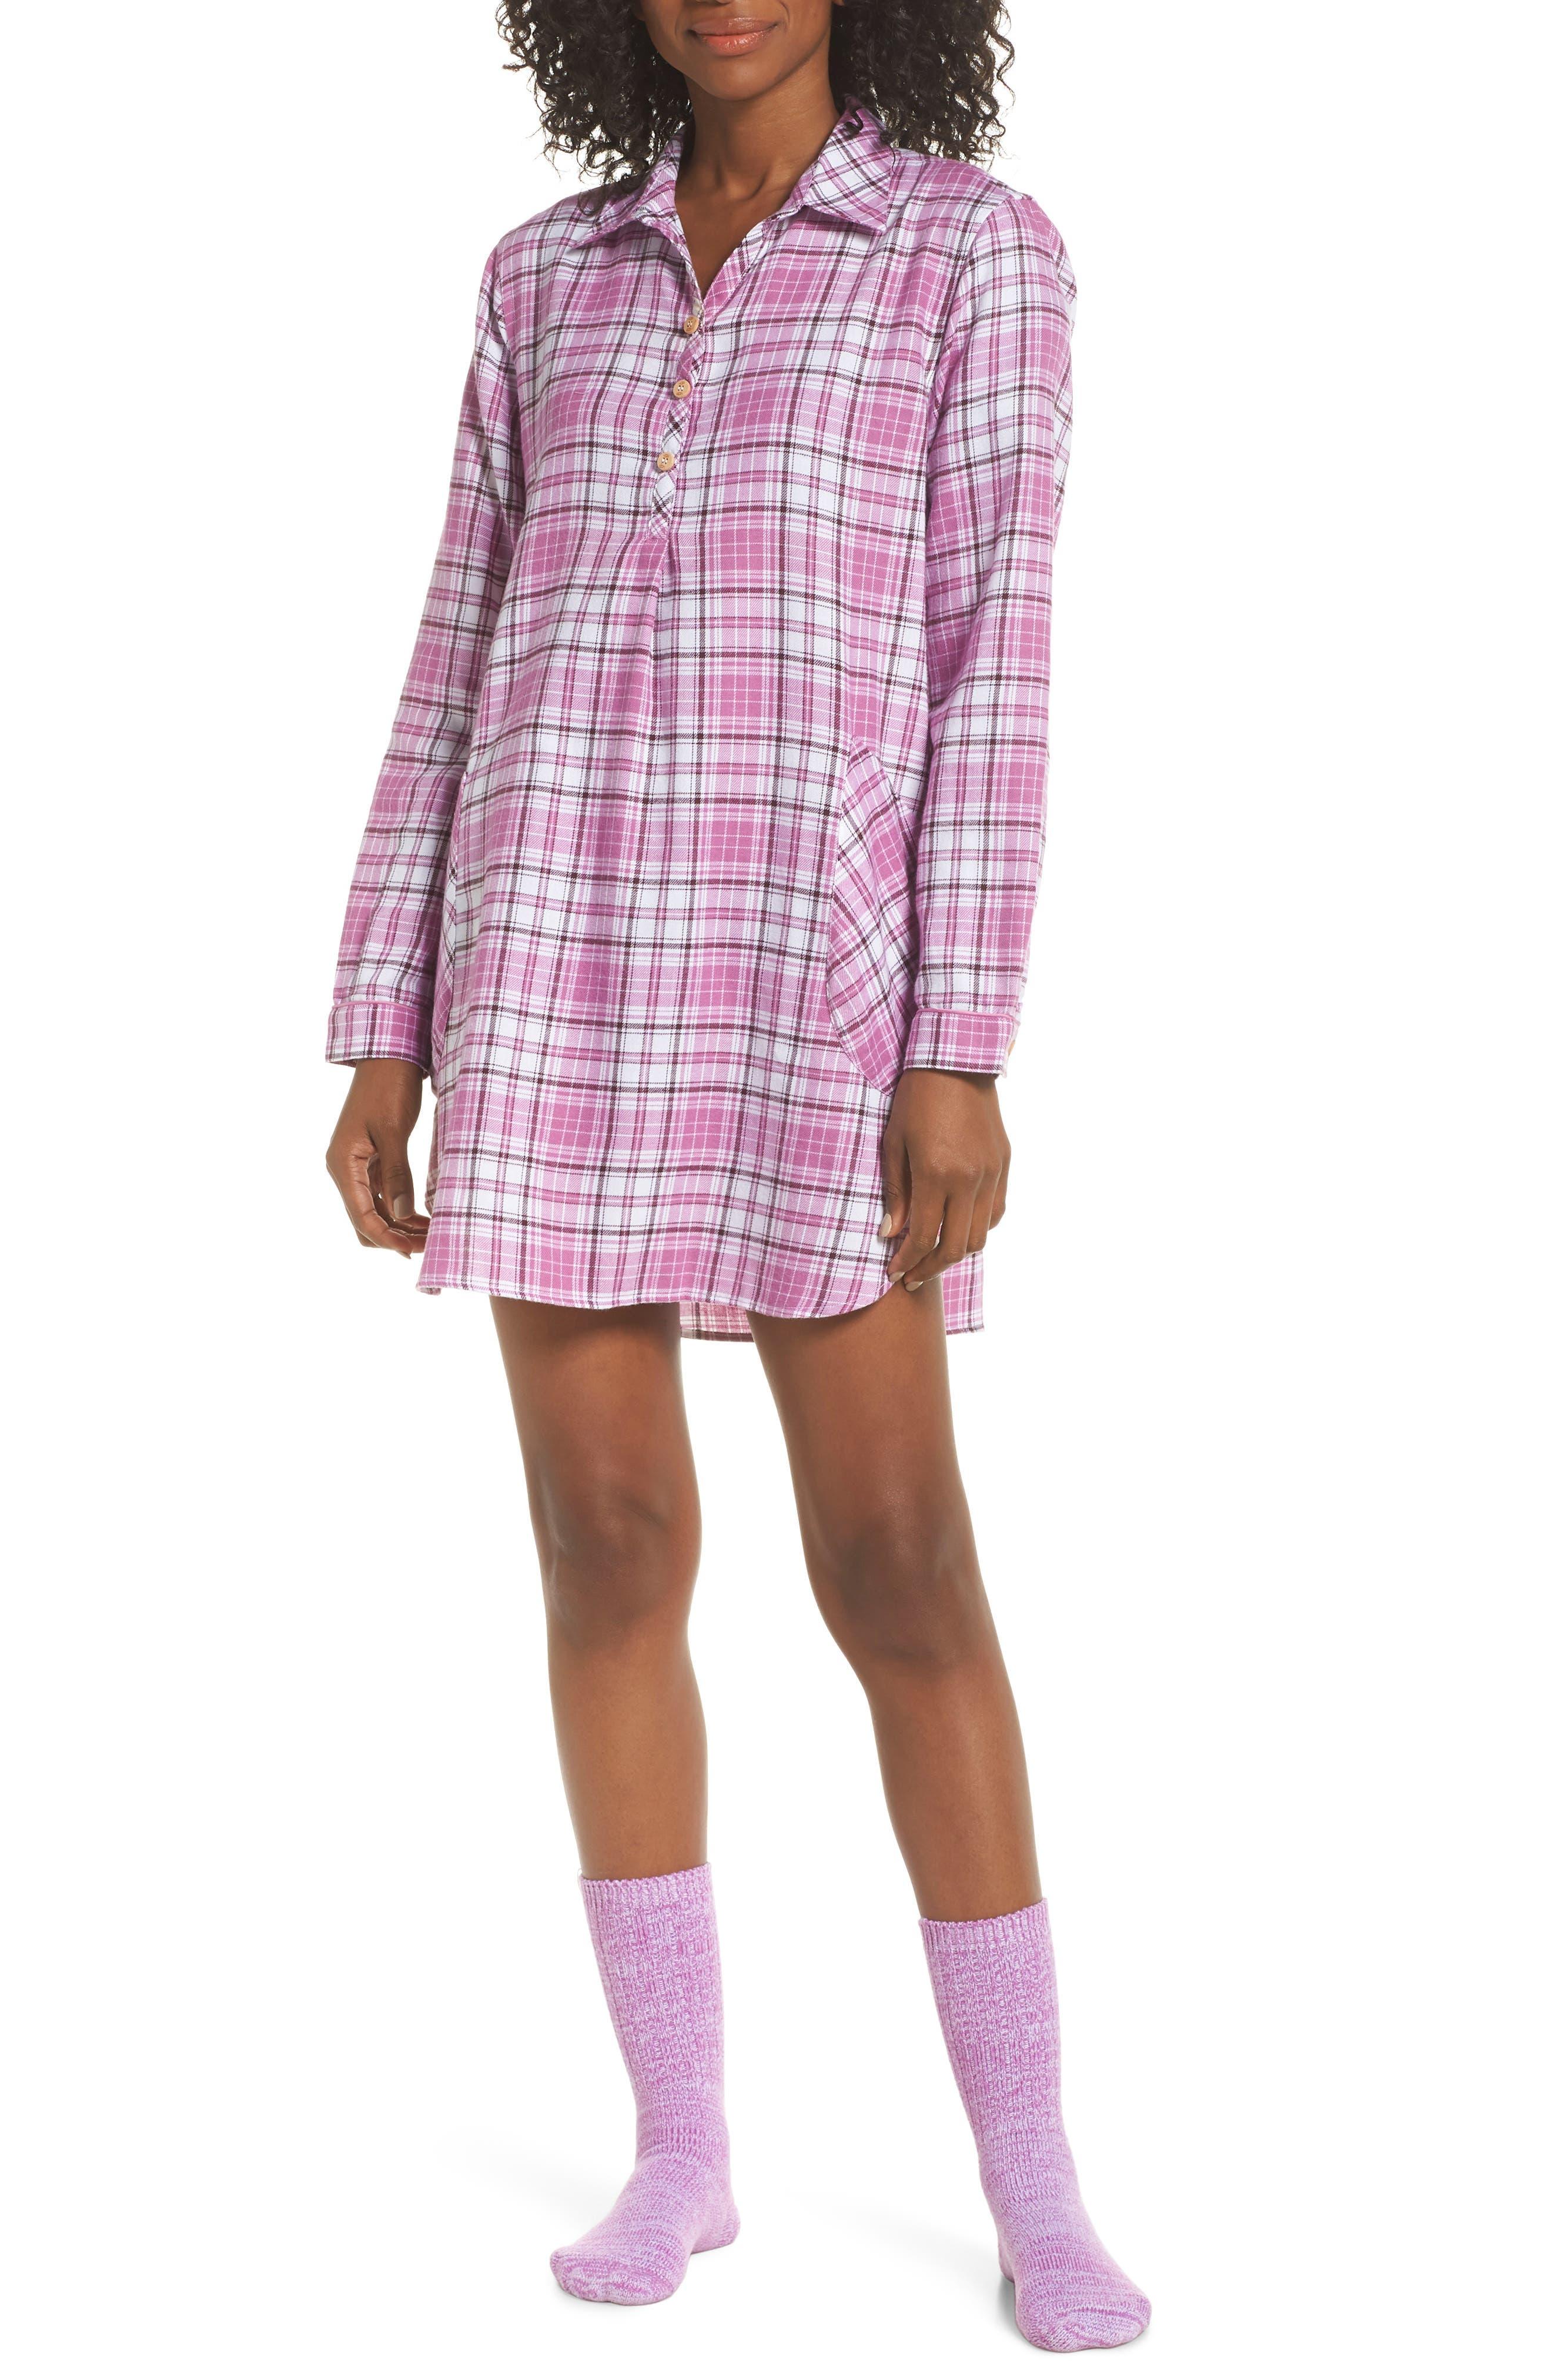 Ugg Sleep Shirt & Socks Set, Pink